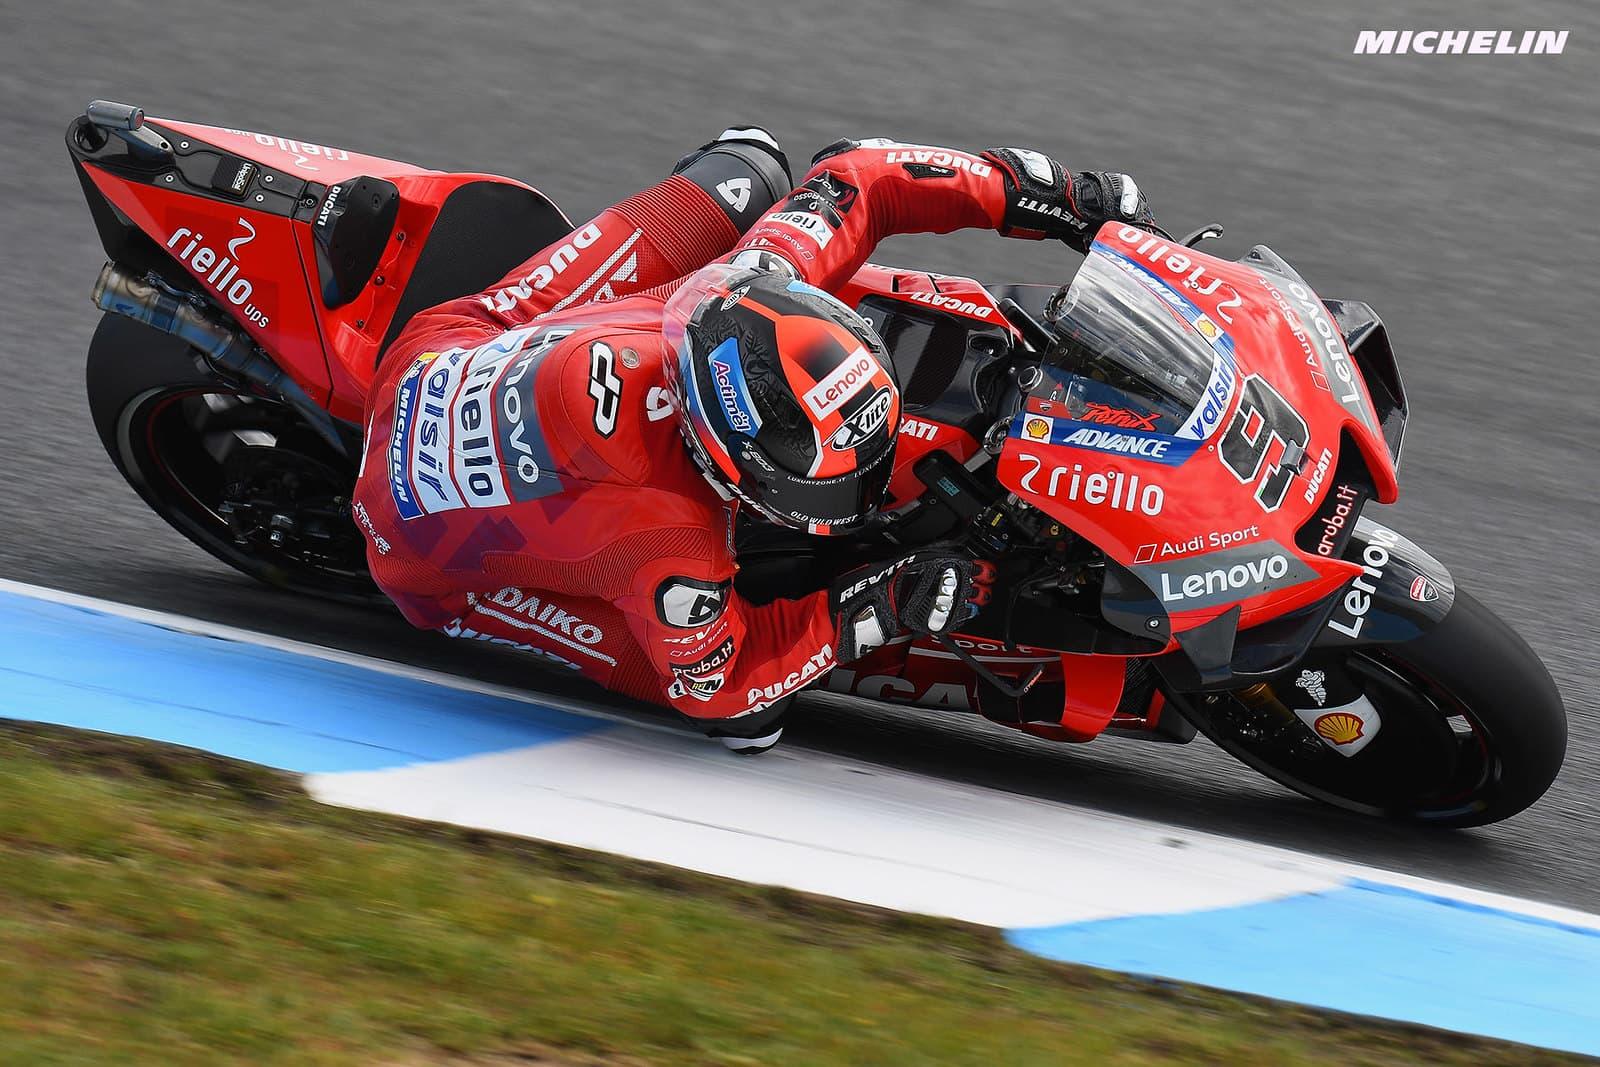 MotoGP2019オーストラリアGP ペトルッチ「今朝までとても良い感触だった」